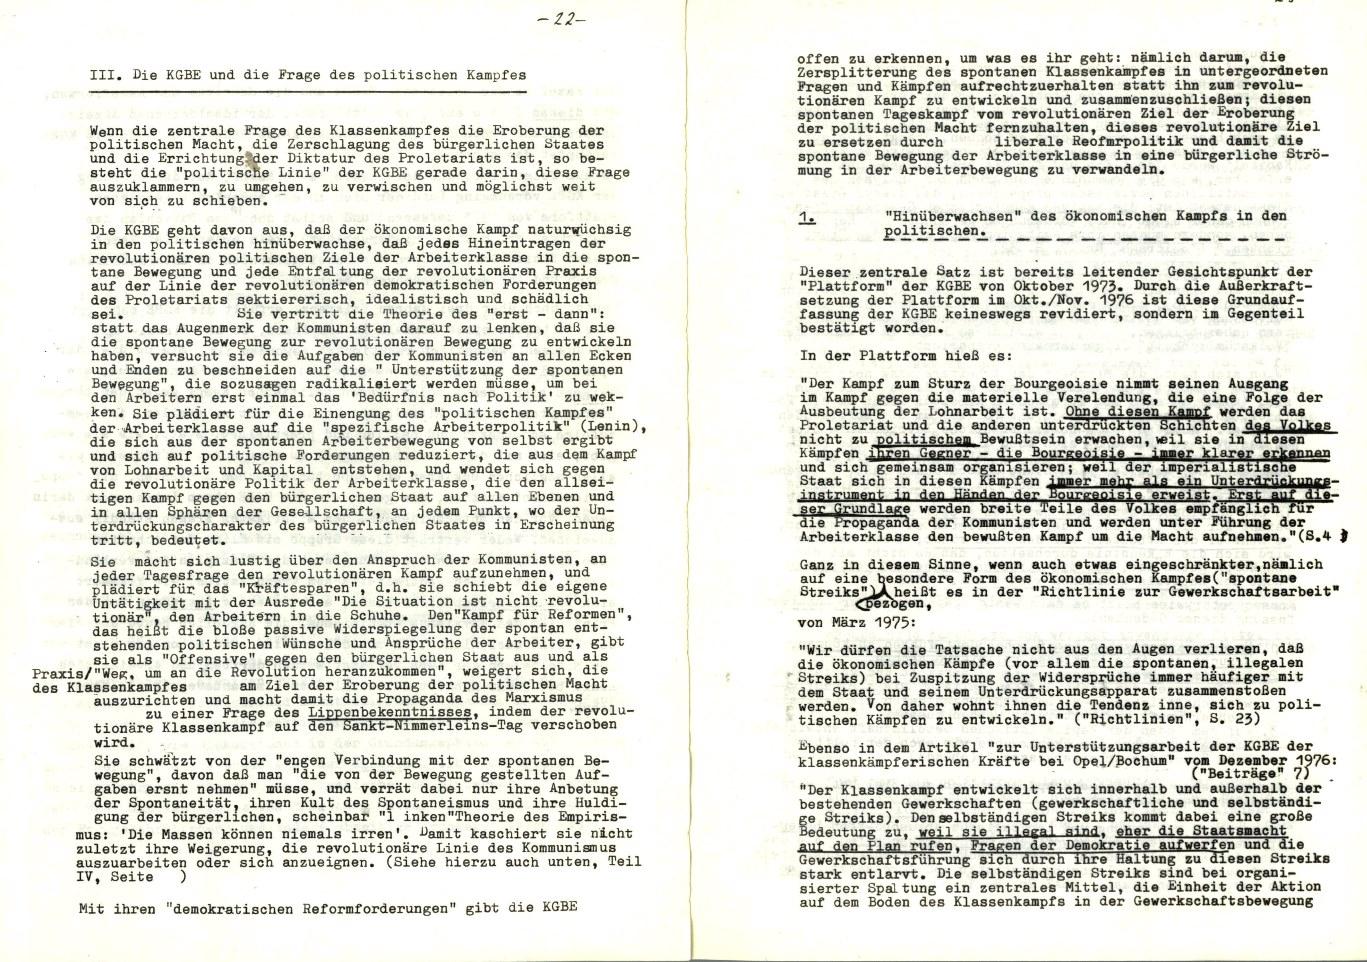 KGBE_Ehemalige_1977_Kritik_an_der_KGBE_15